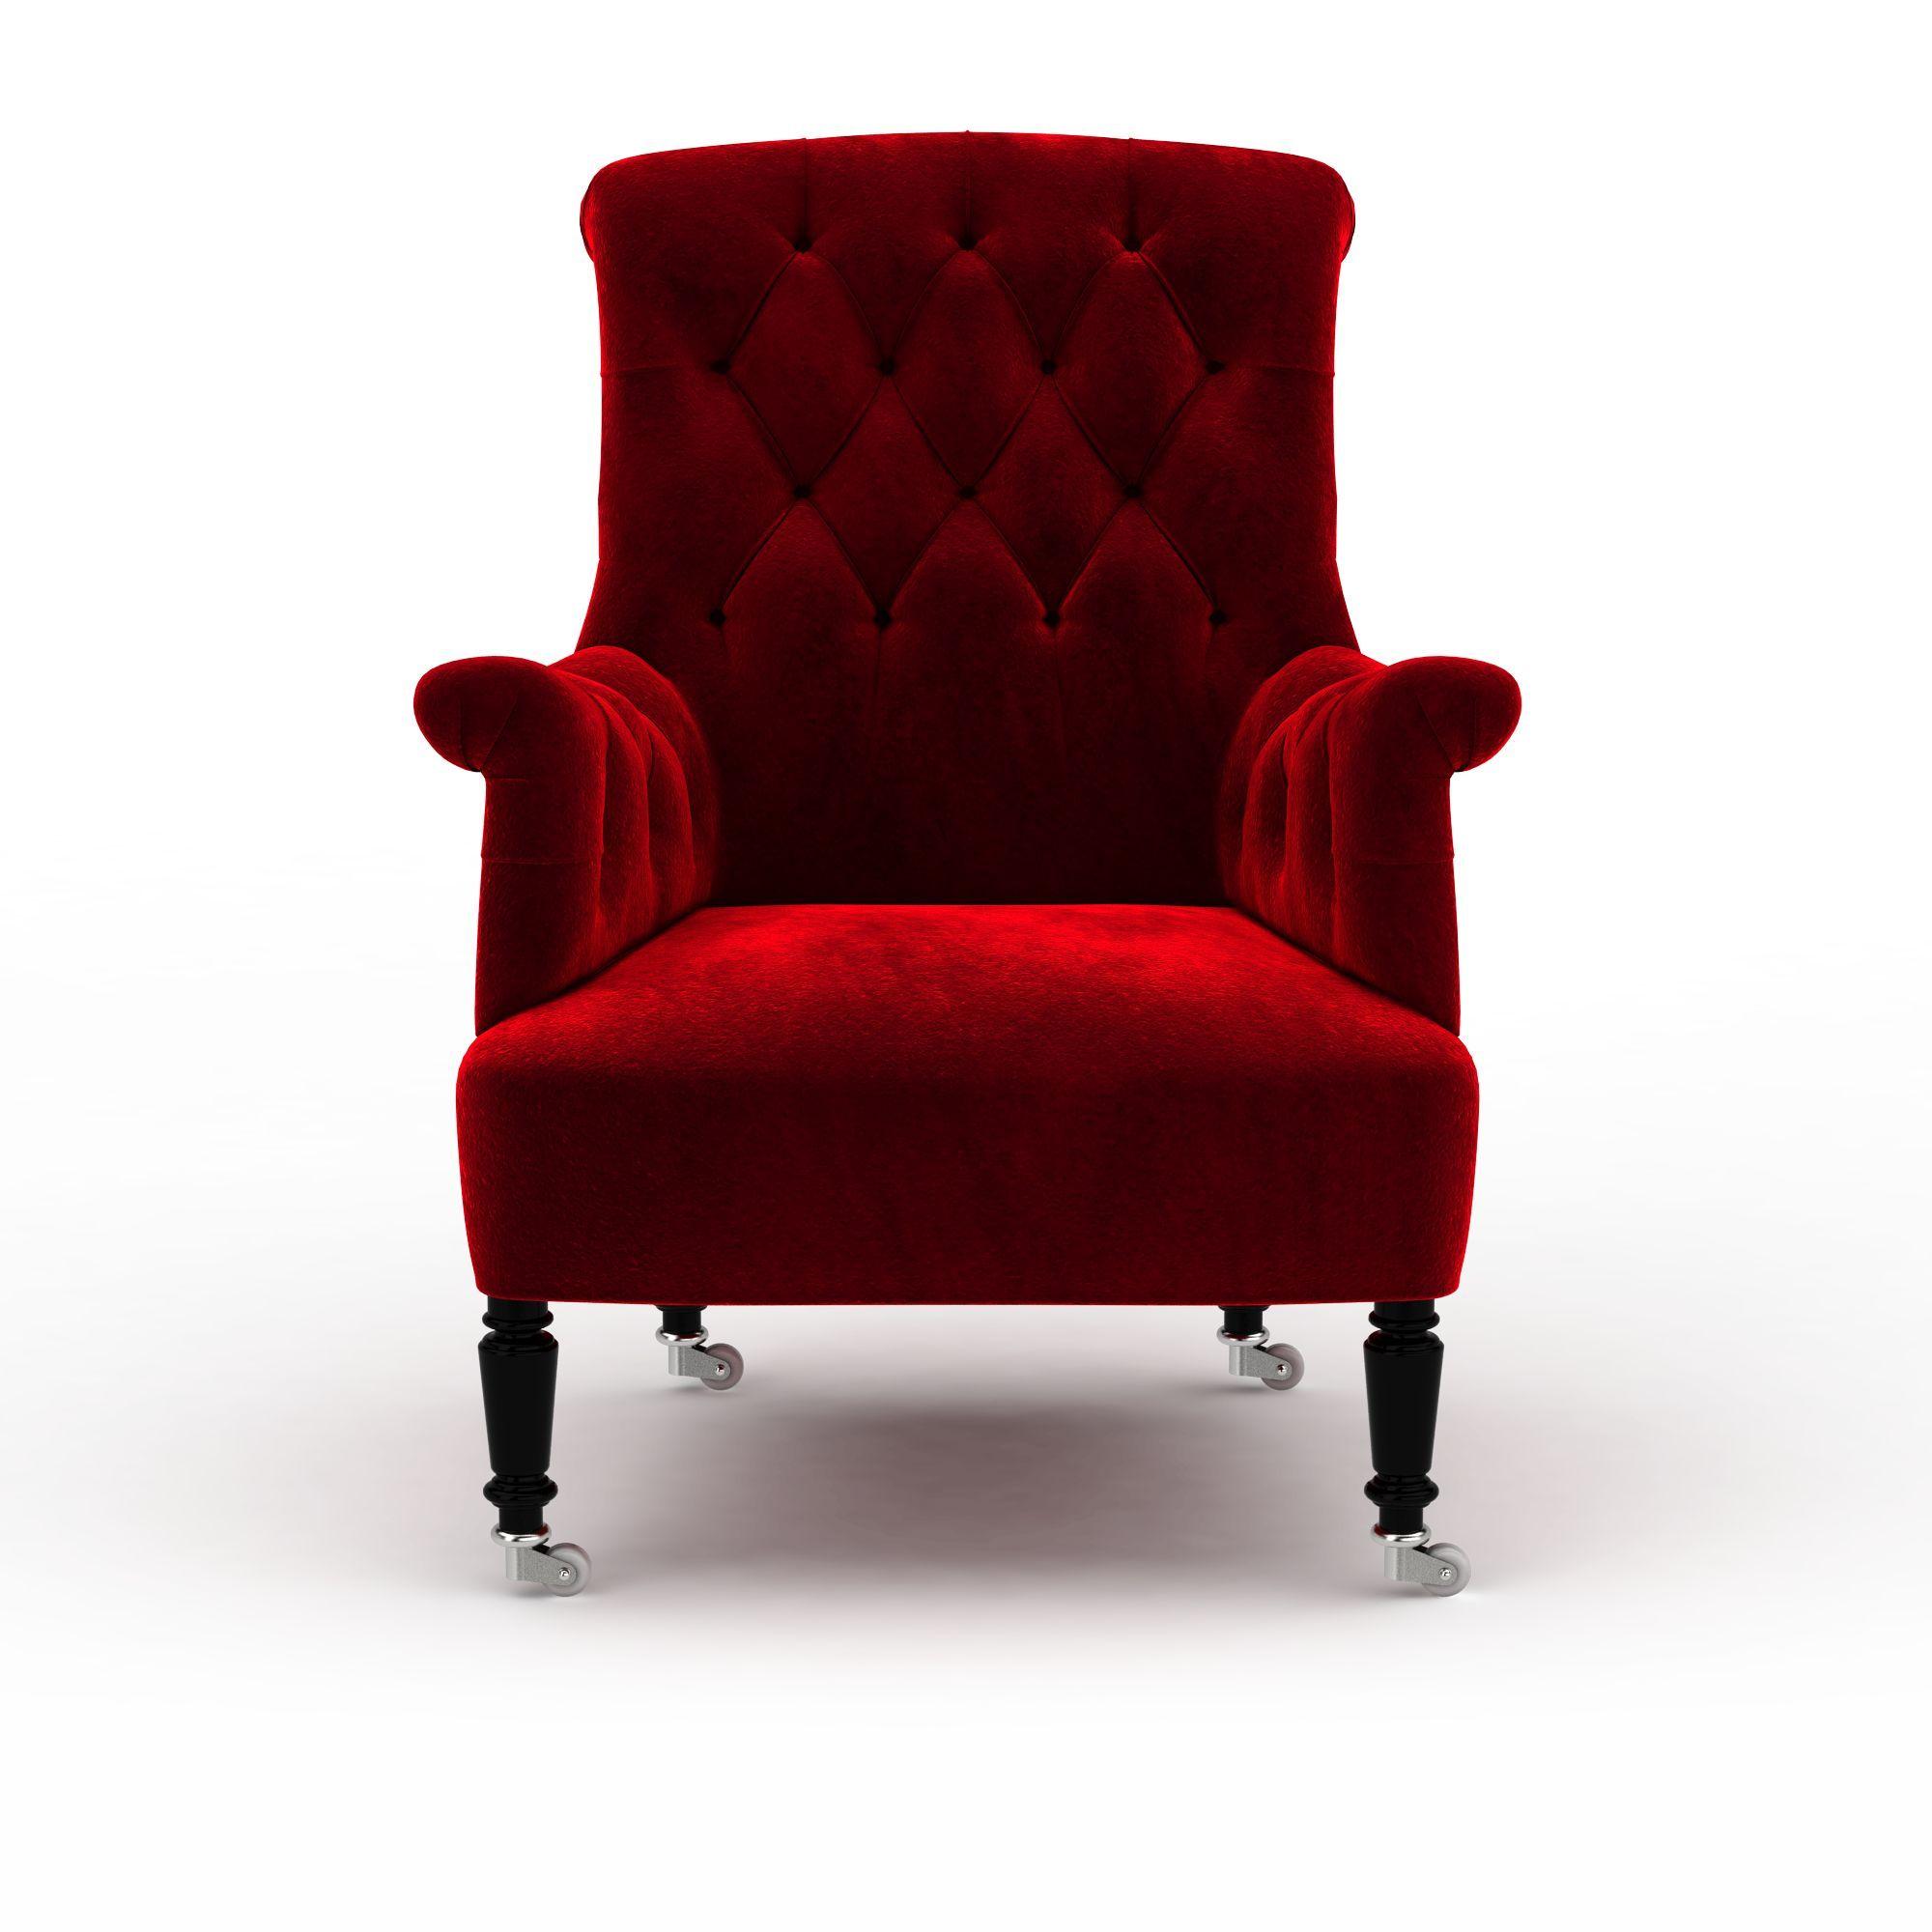 布艺单人沙发图片_布艺单人沙发png图片素材_布艺单人